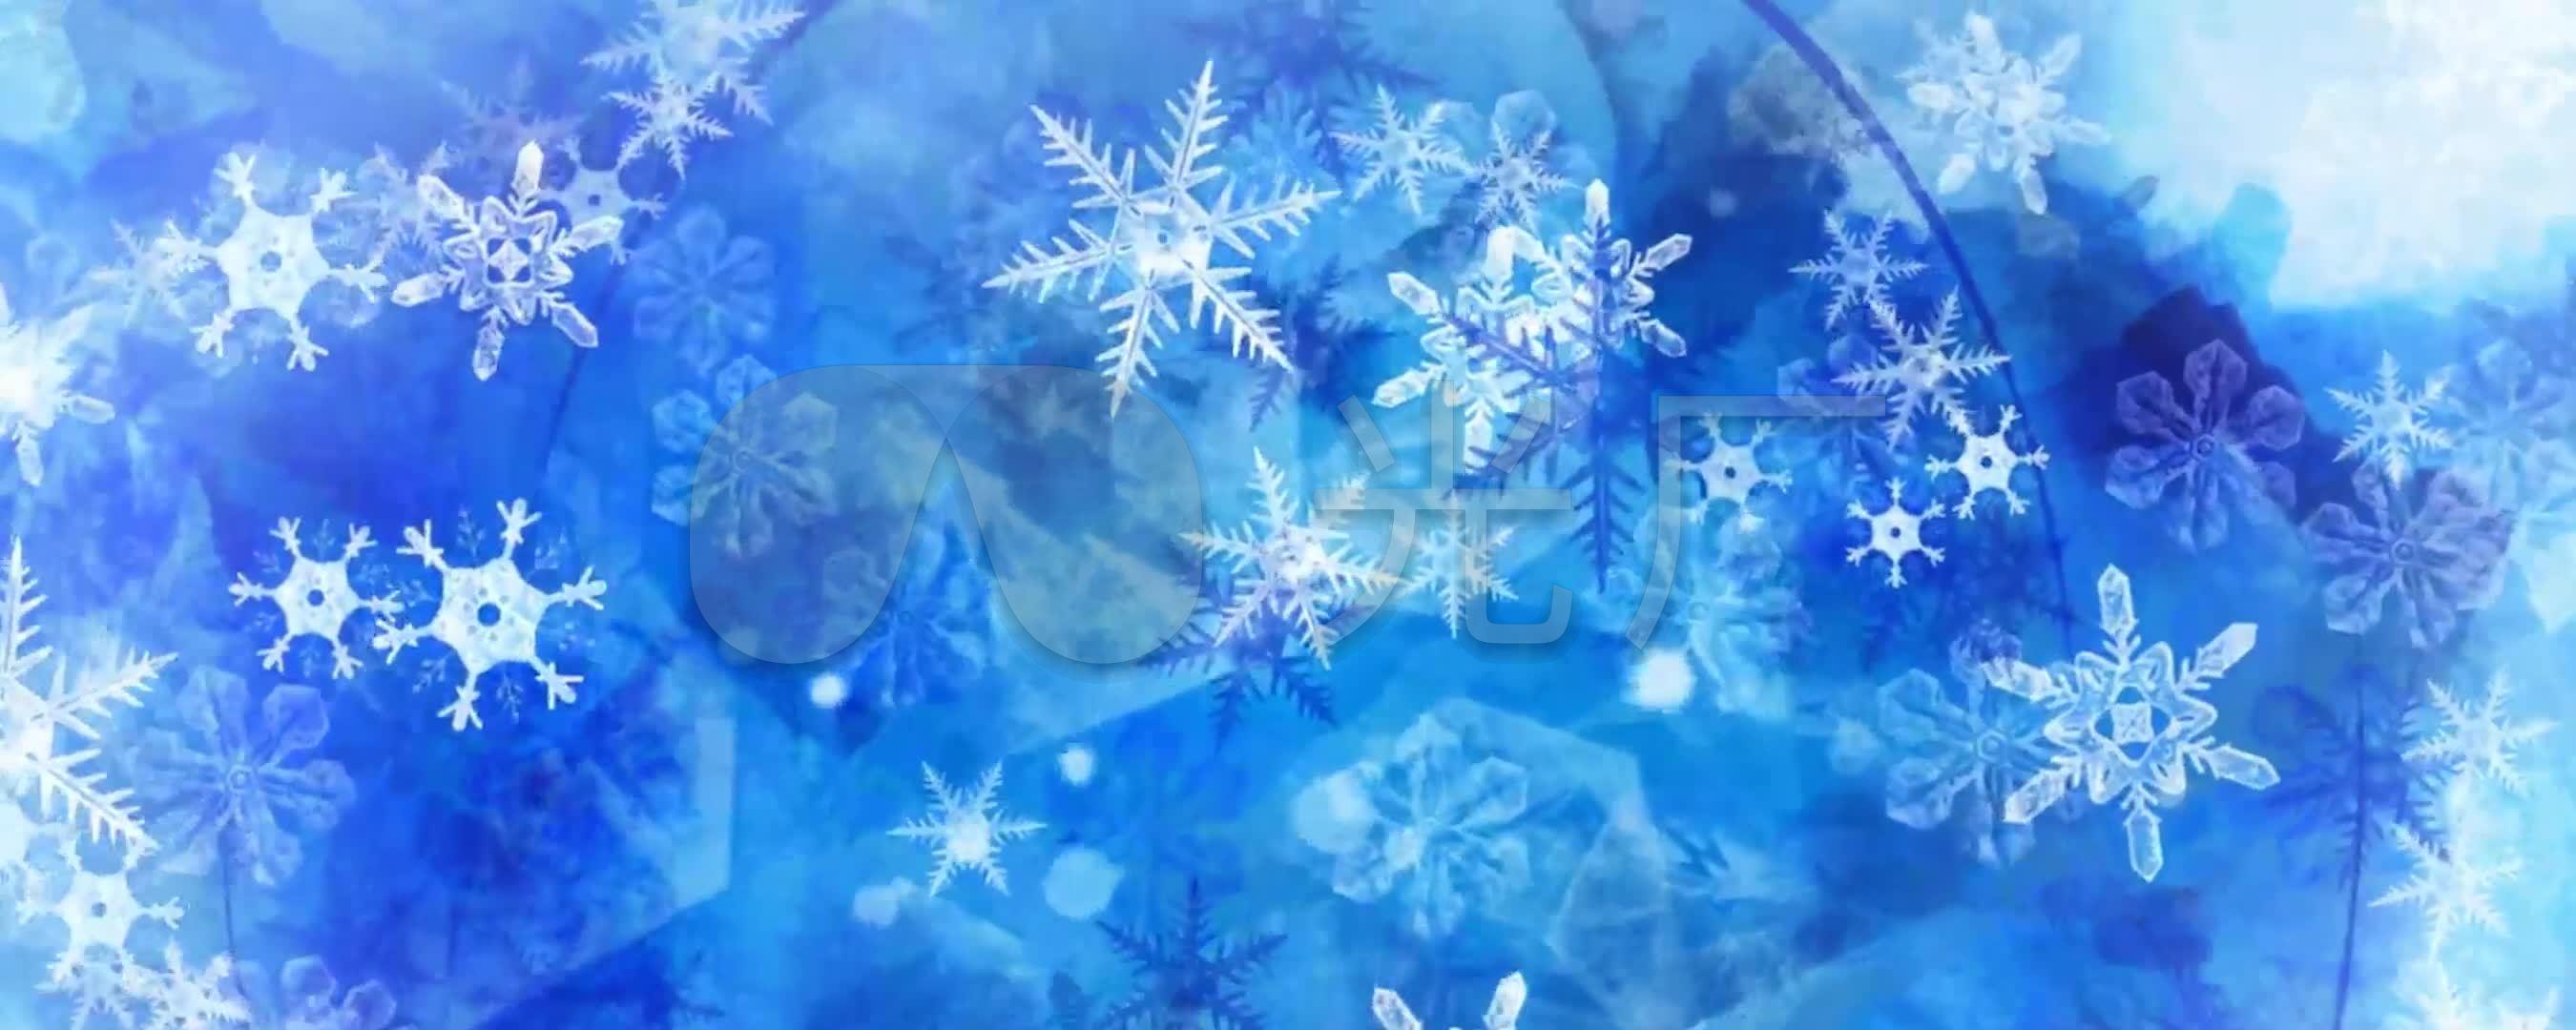 冰雪世界led宽屏唯美雪花蓝色背景